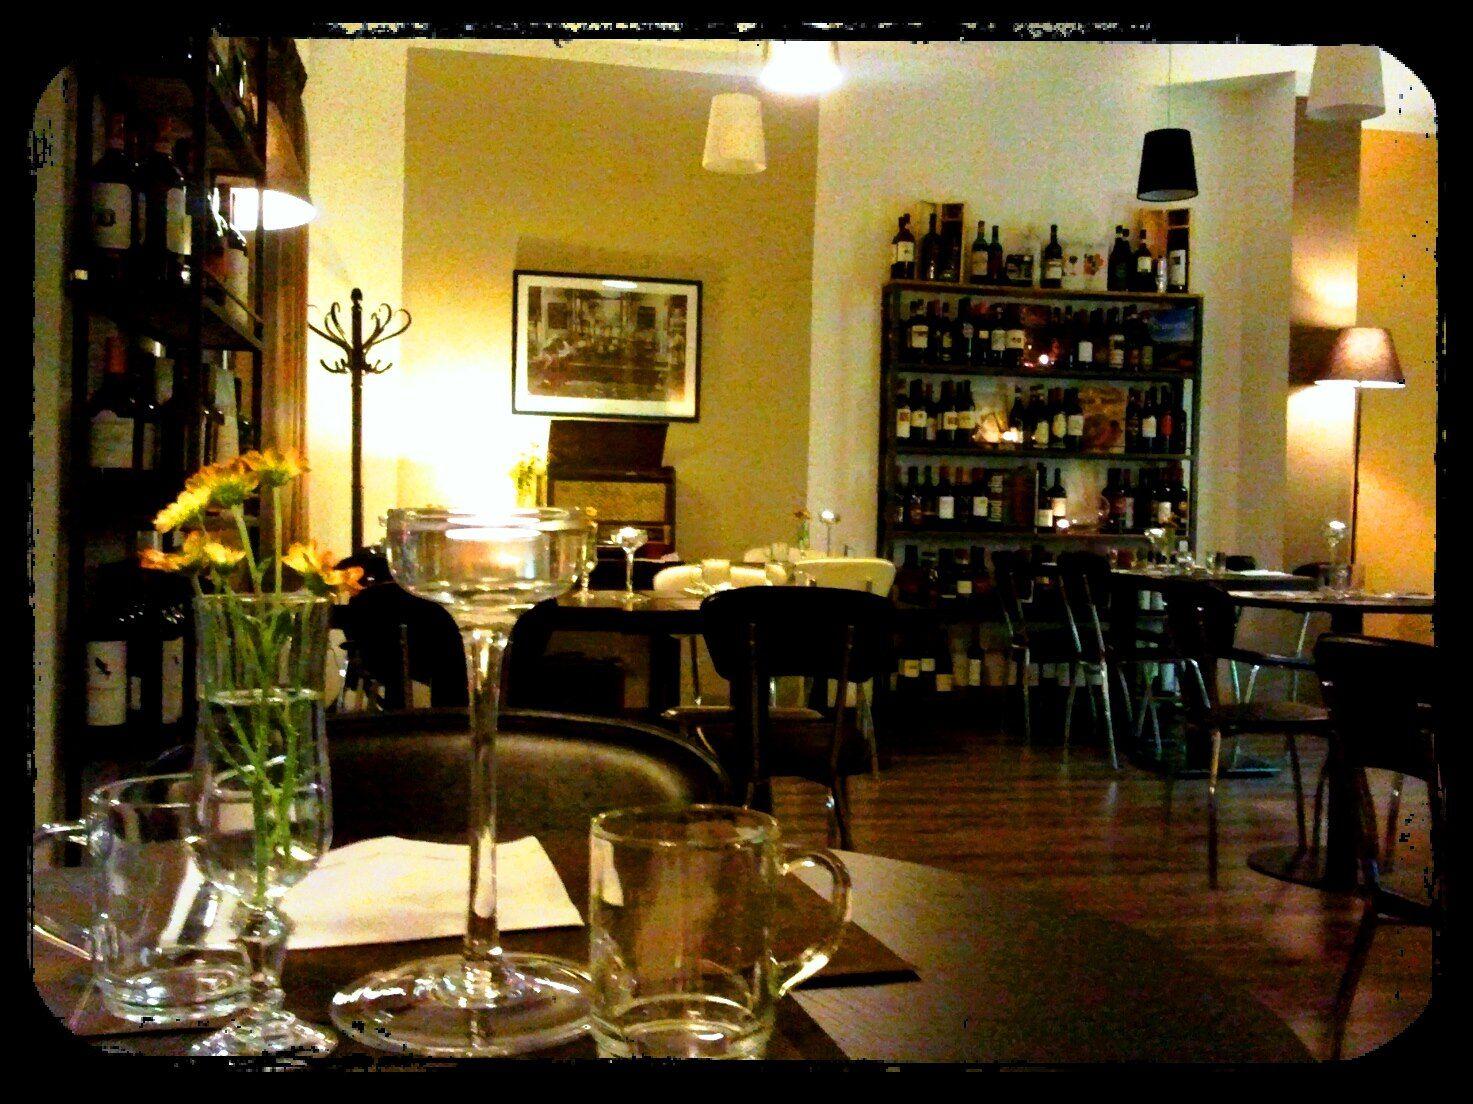 Arredamento Bar Stile Vintage : Arredare un angolo bar in stile industrial finetodesign